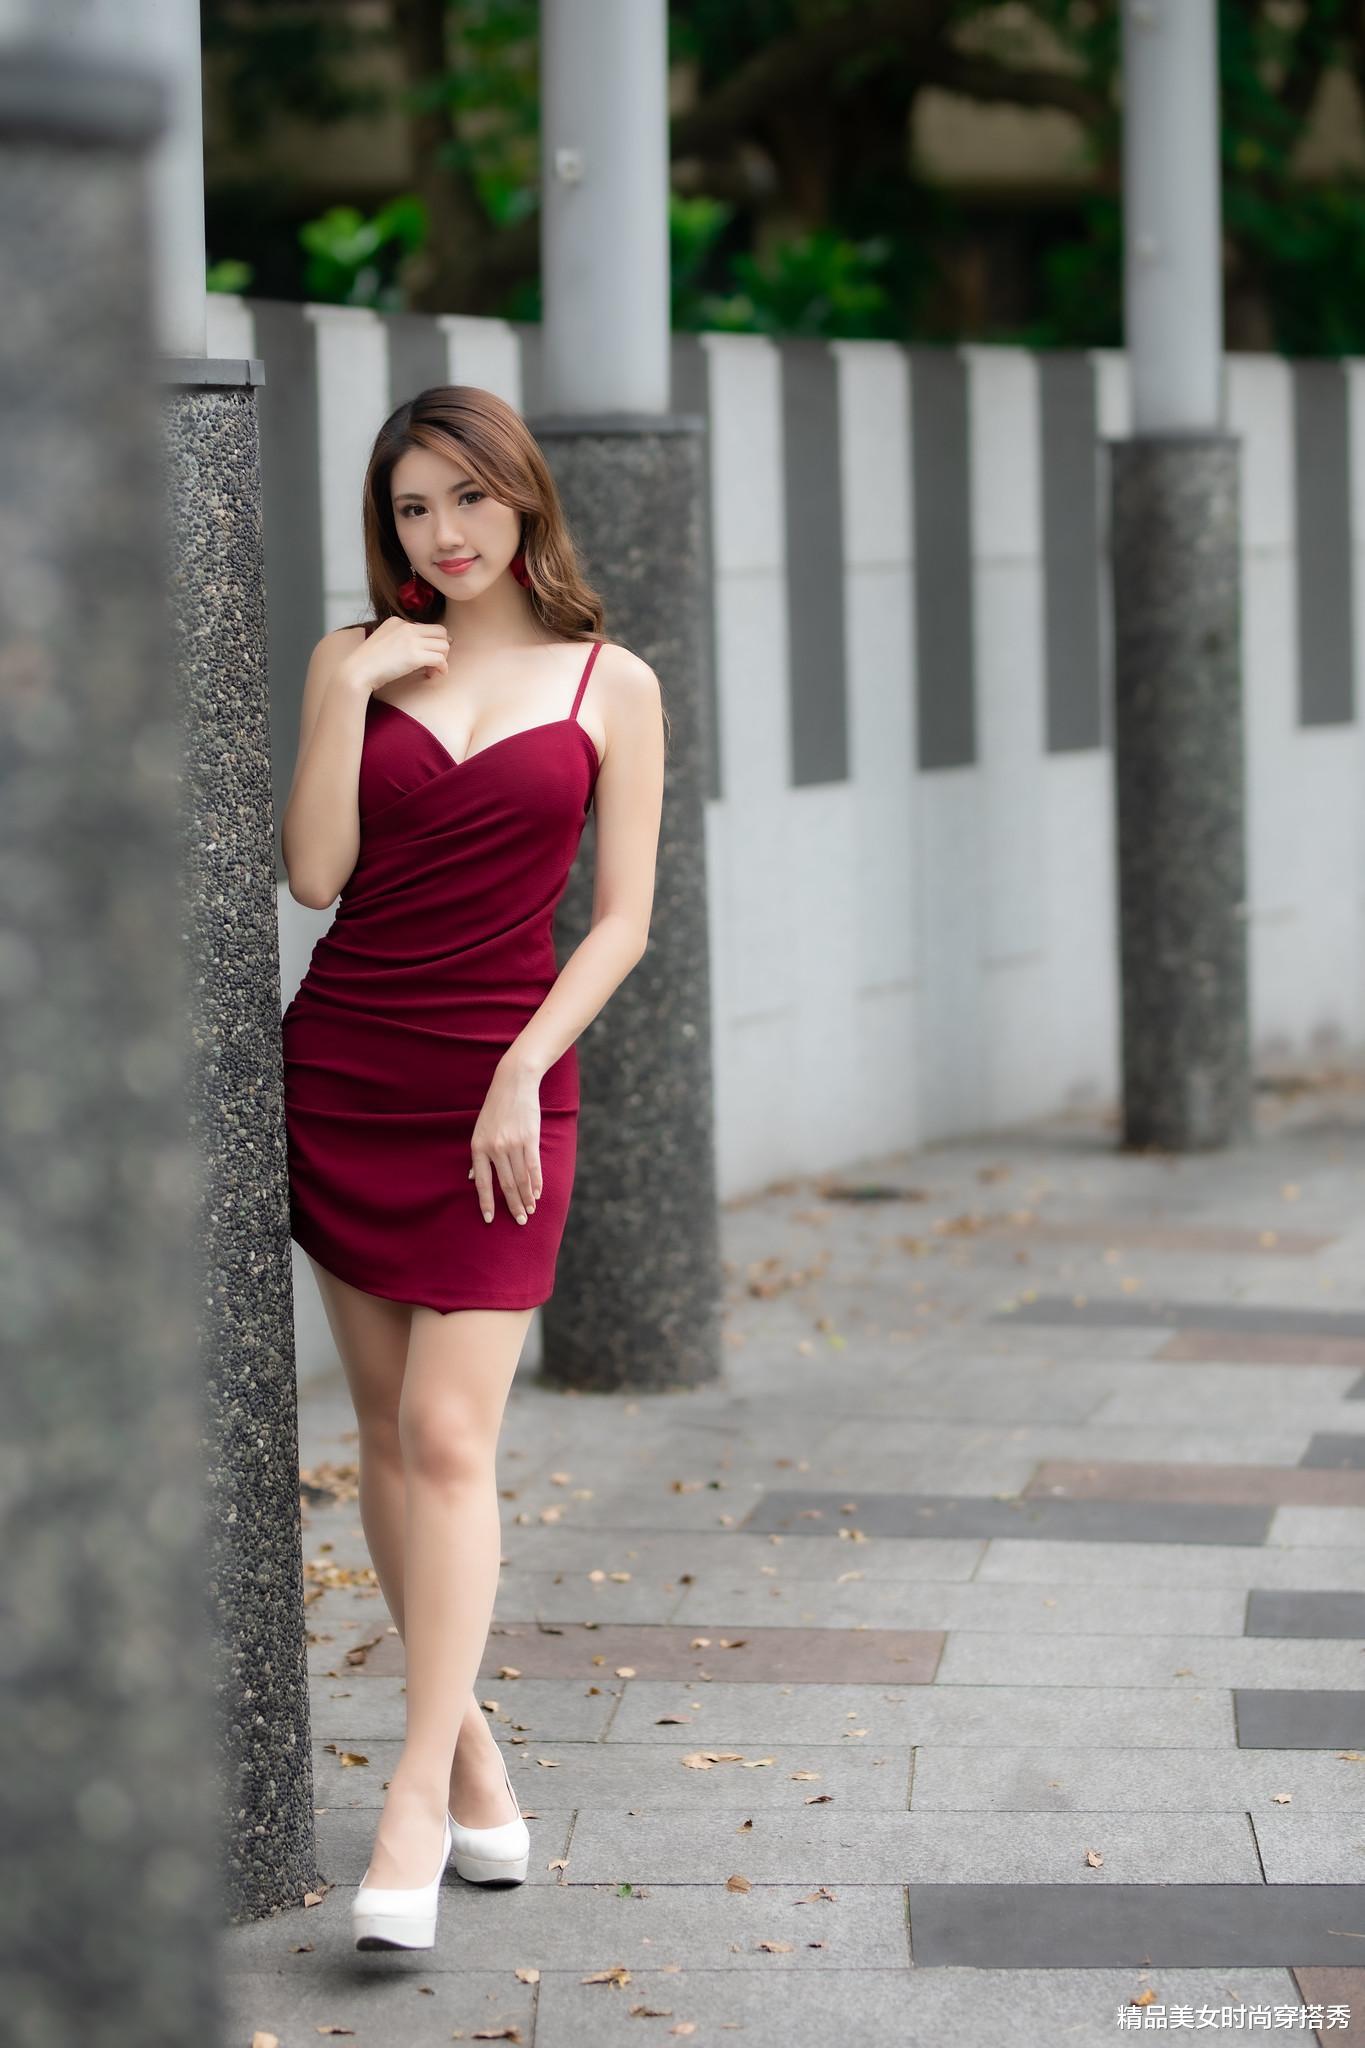 明星娱乐新闻_热情洋溢的红色吊带连衣裙,充满着青春的活力,优美悦耳